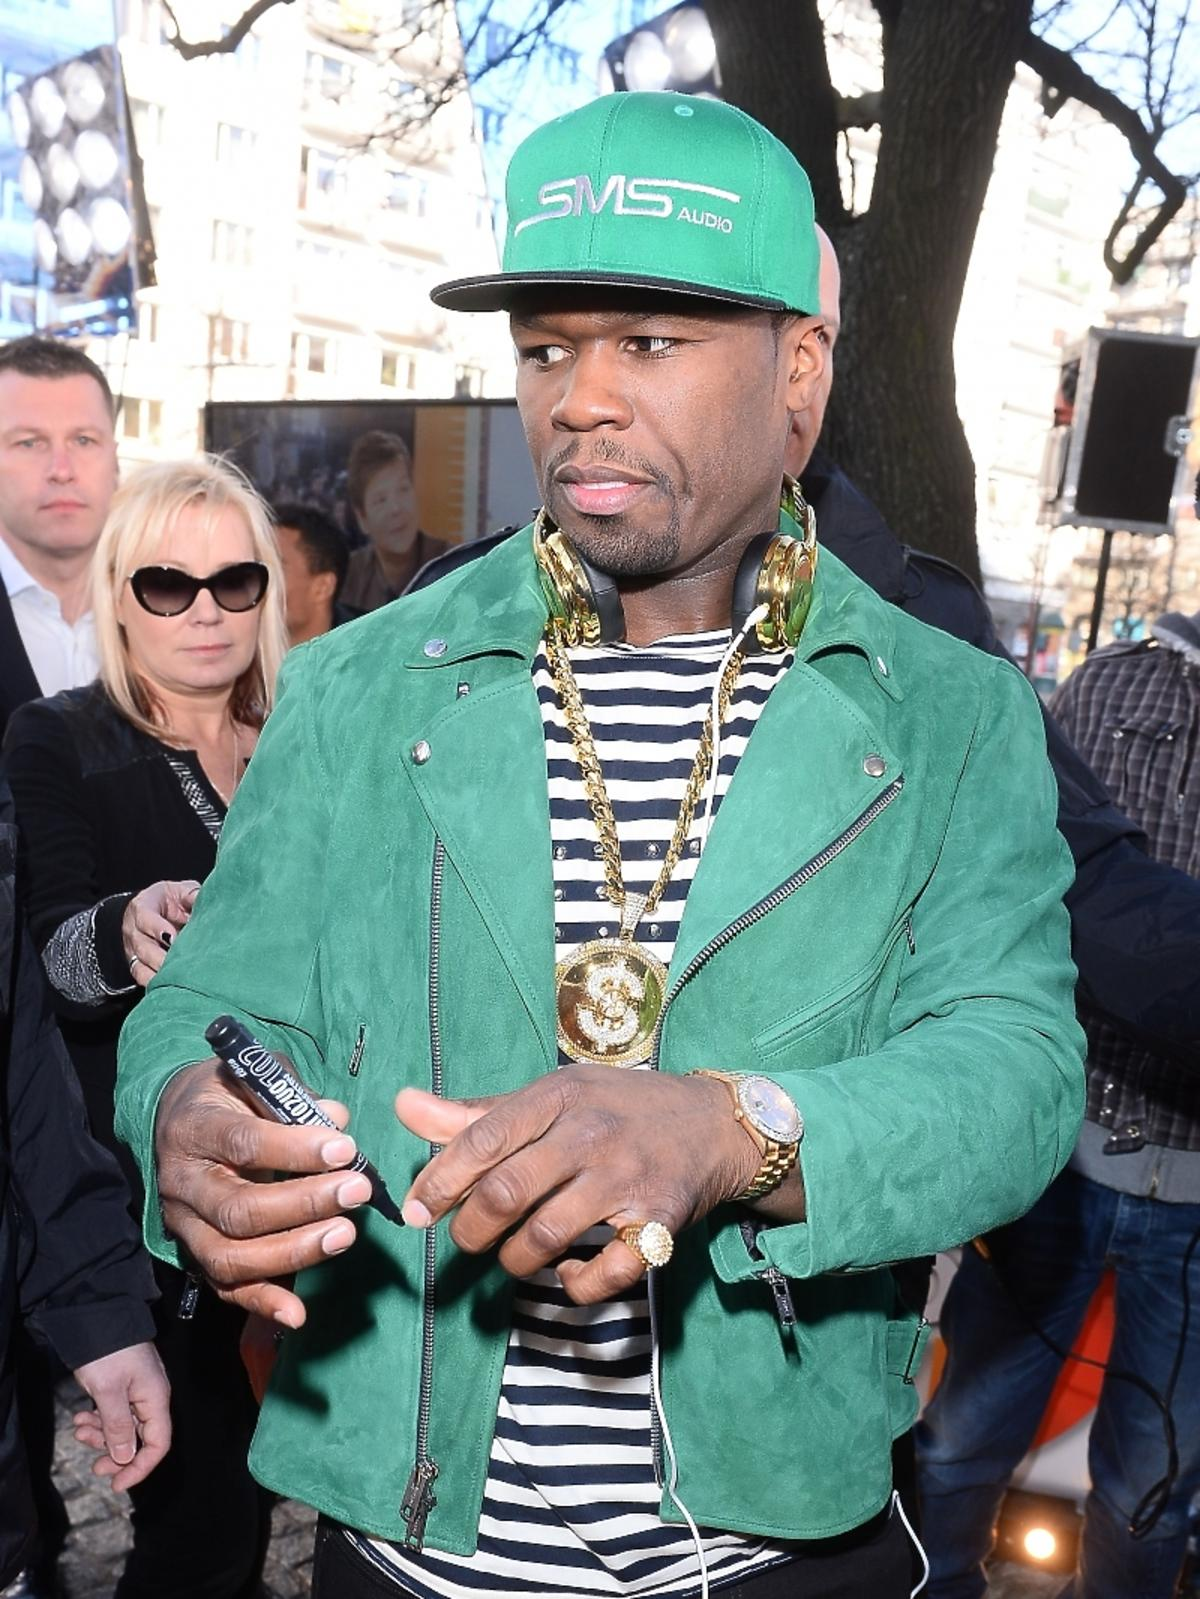 50 Cent przyjechał do Polski. 50 Cent w Polsce. 50 Cent w Warszawie. 50 Cent gościem DDTVN